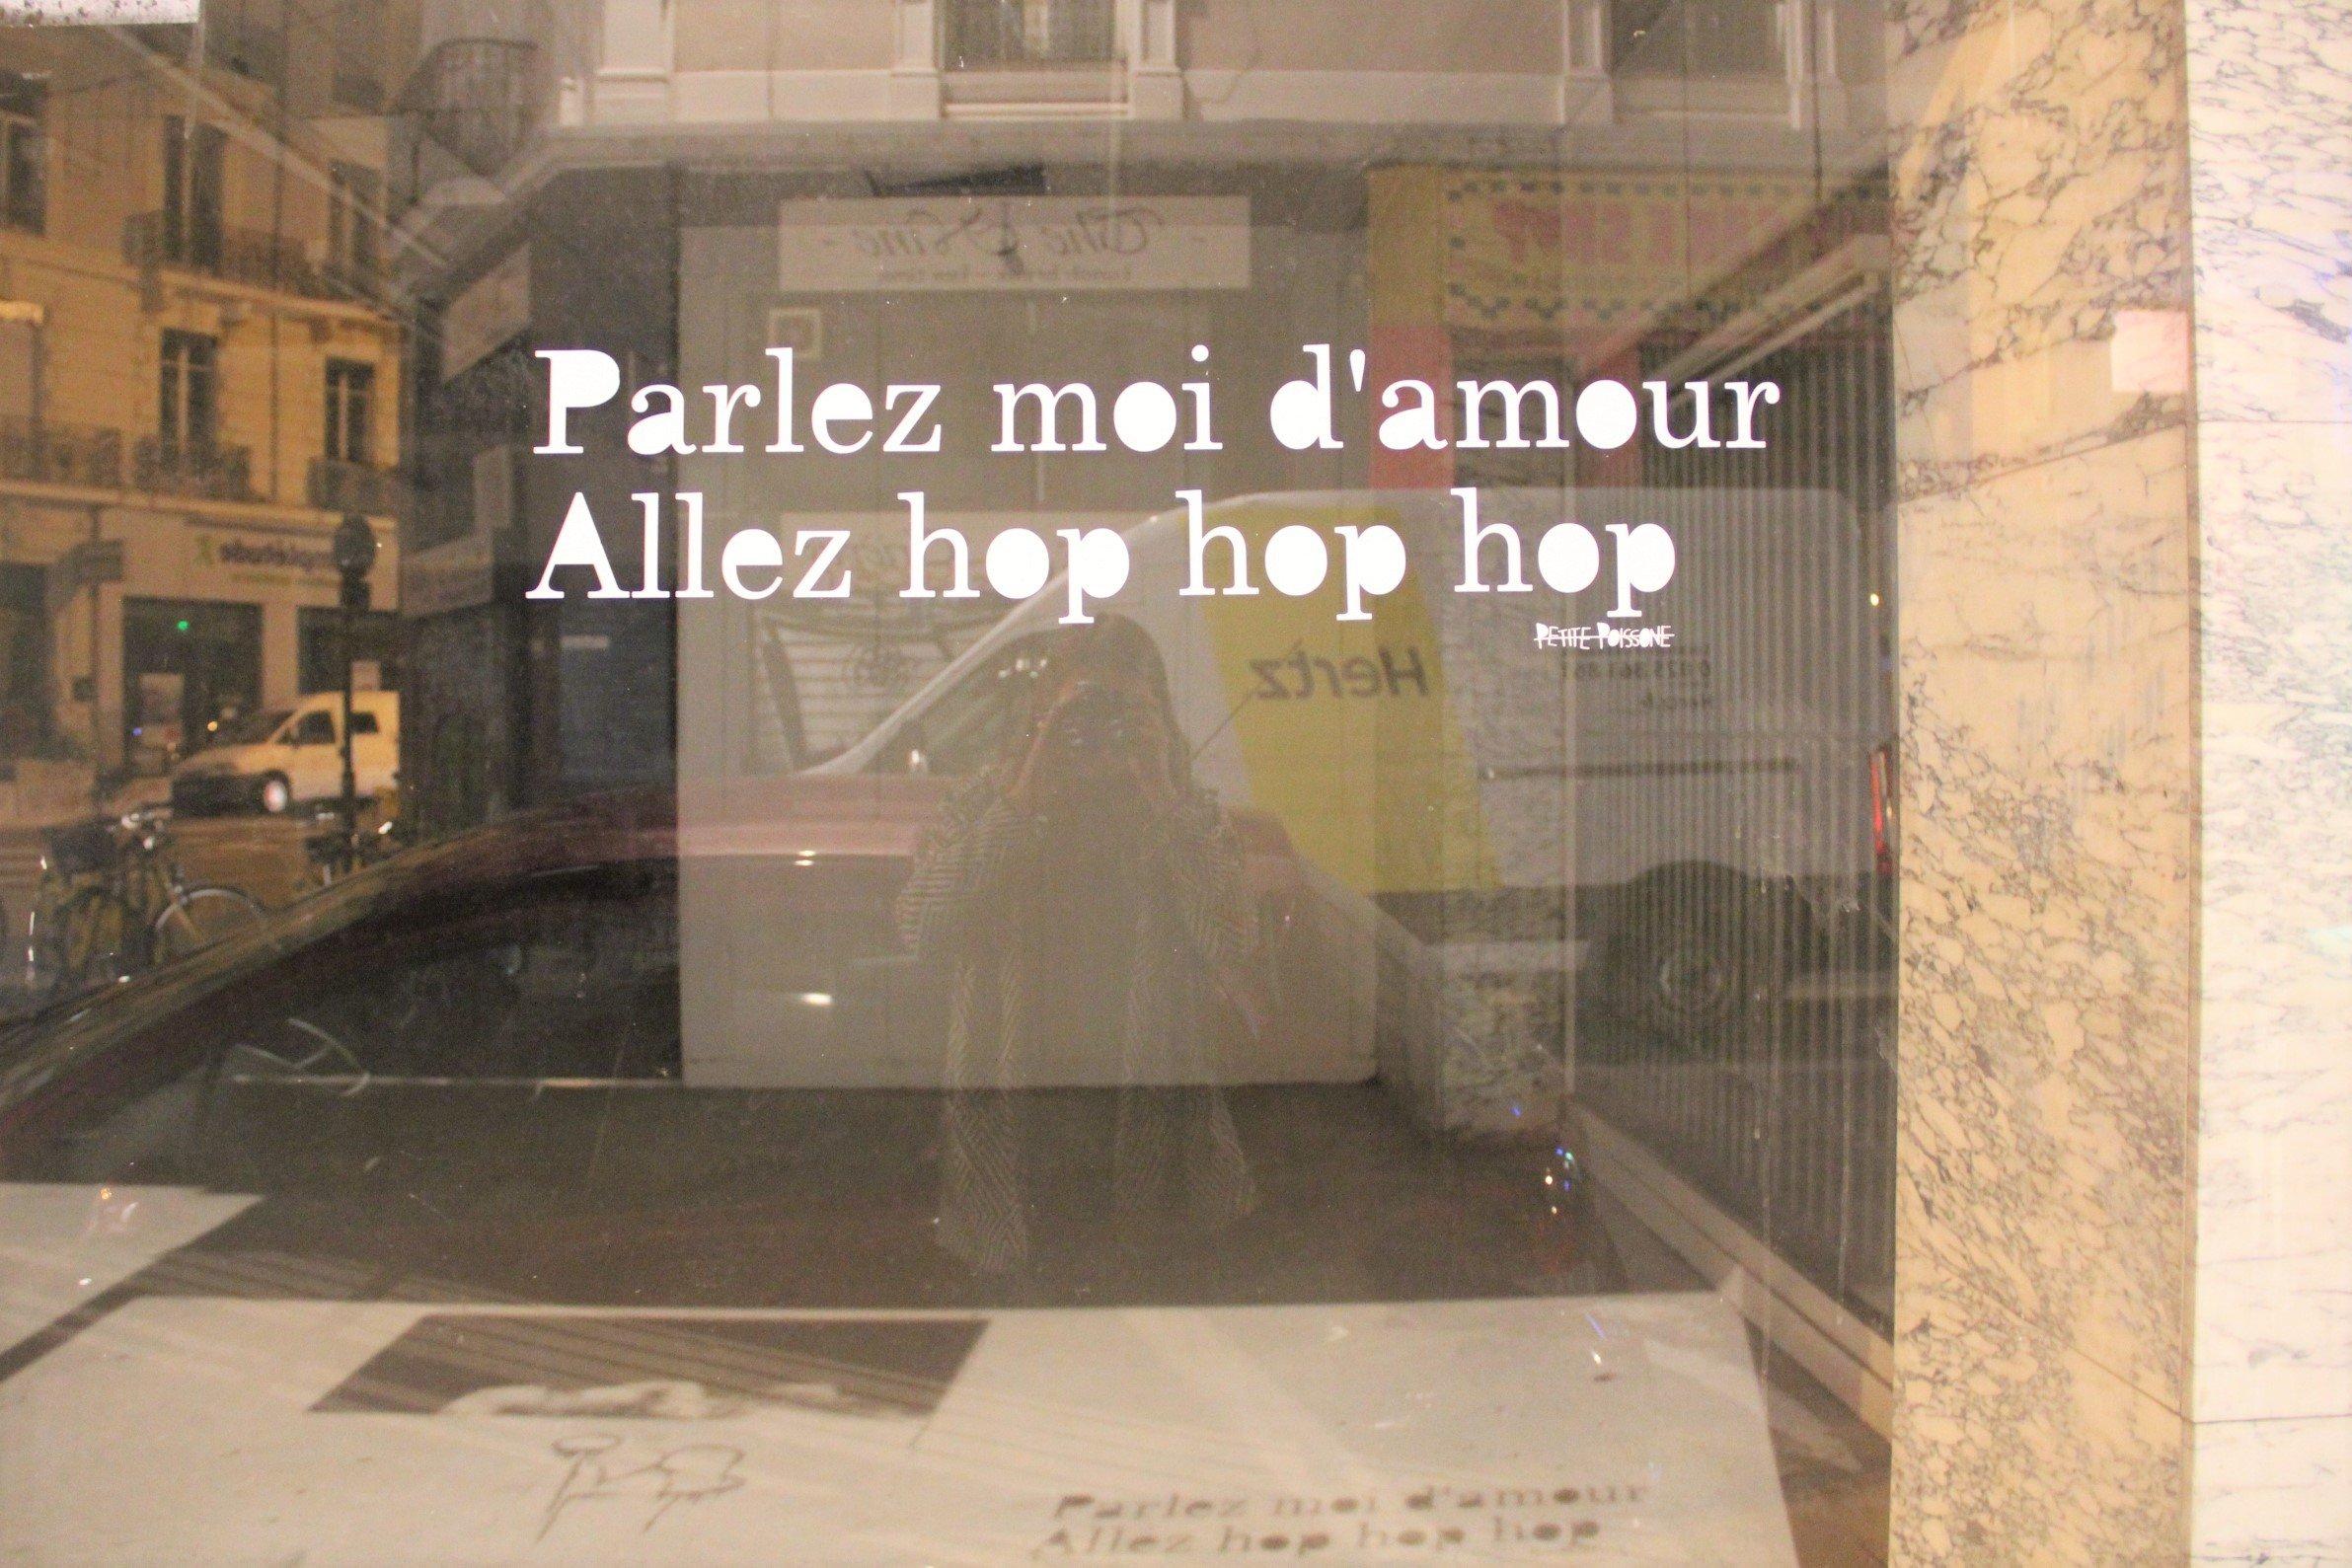 petite poissone - parlez moi d'amour hop hop hop GRENOBLE